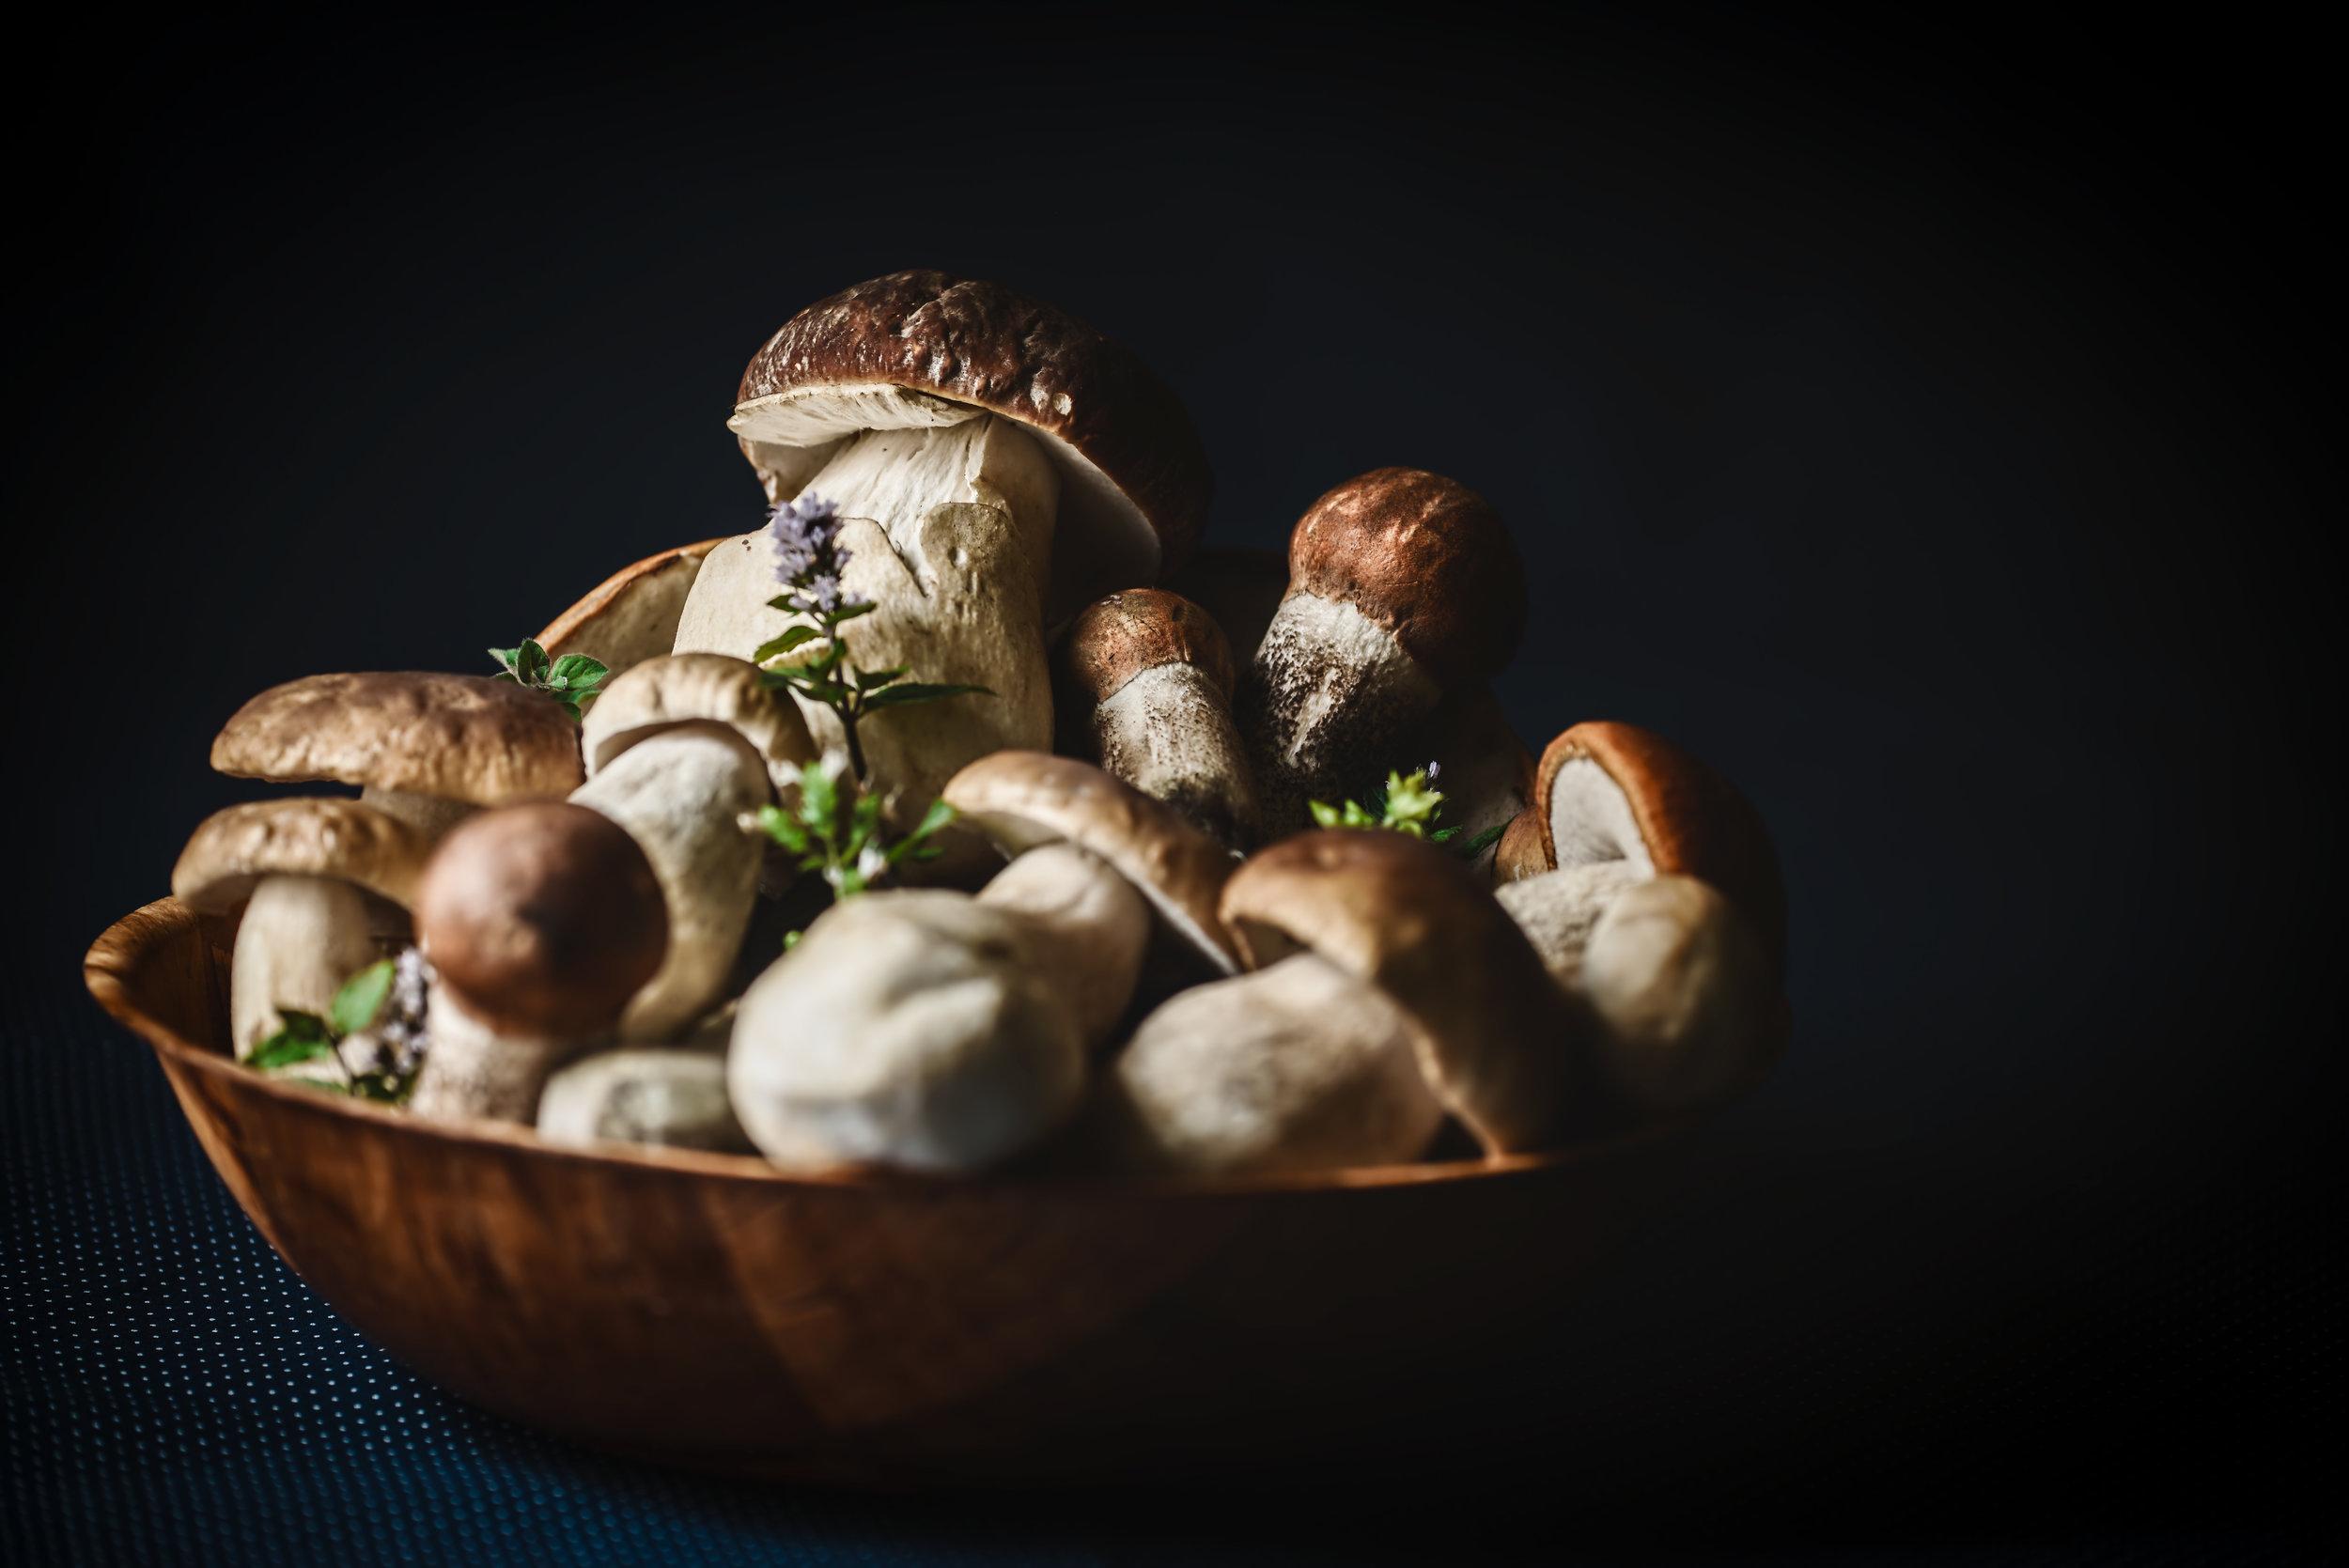 9. Mushrooms -